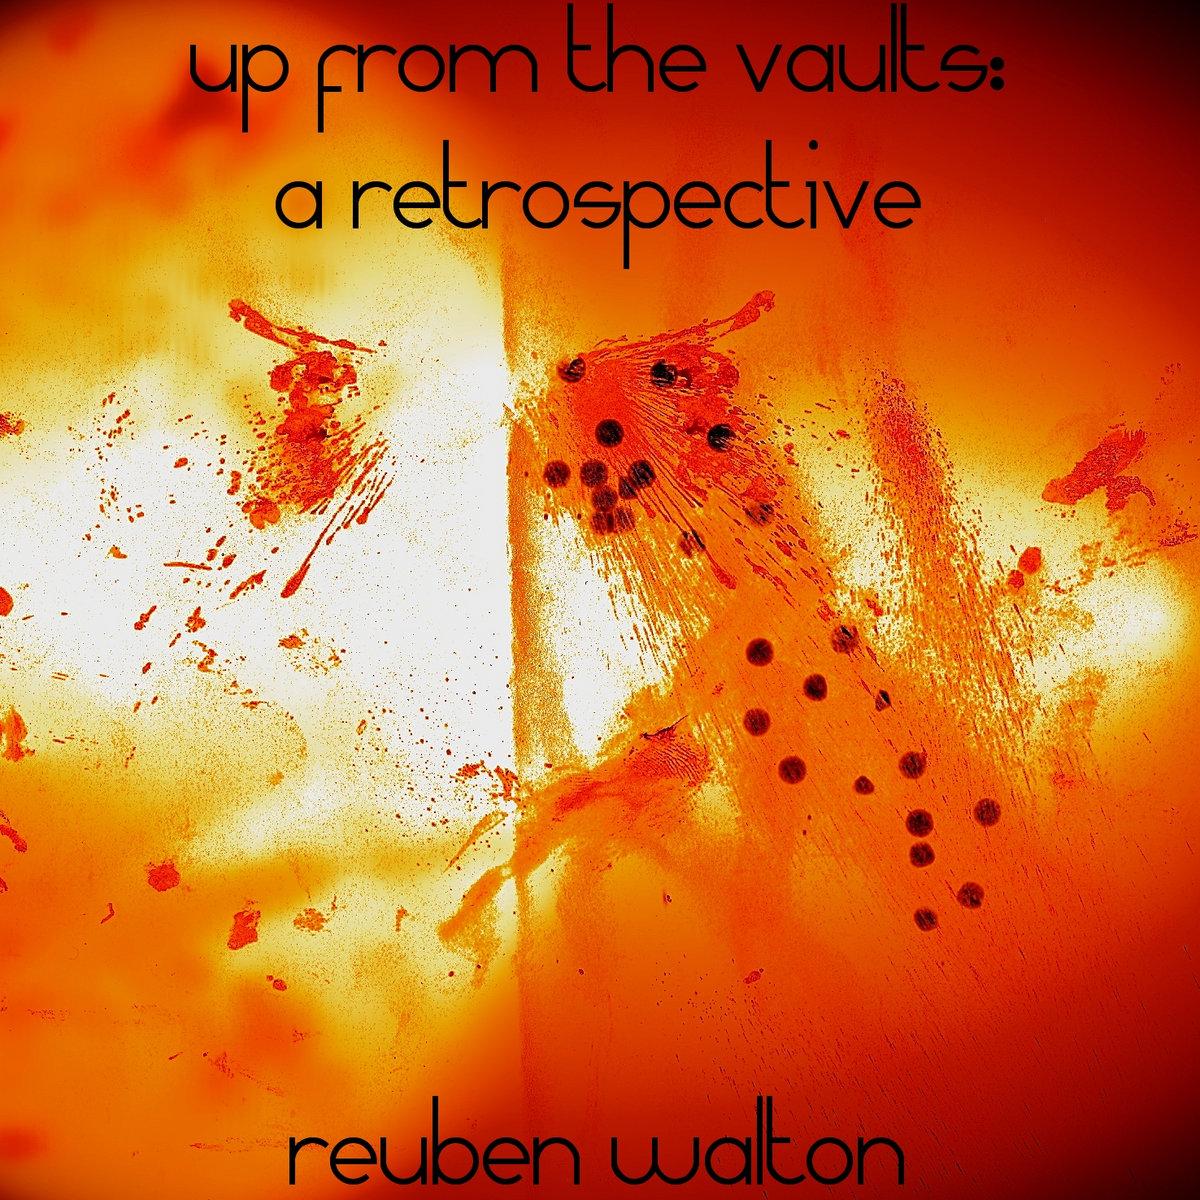 by Reuben Walton